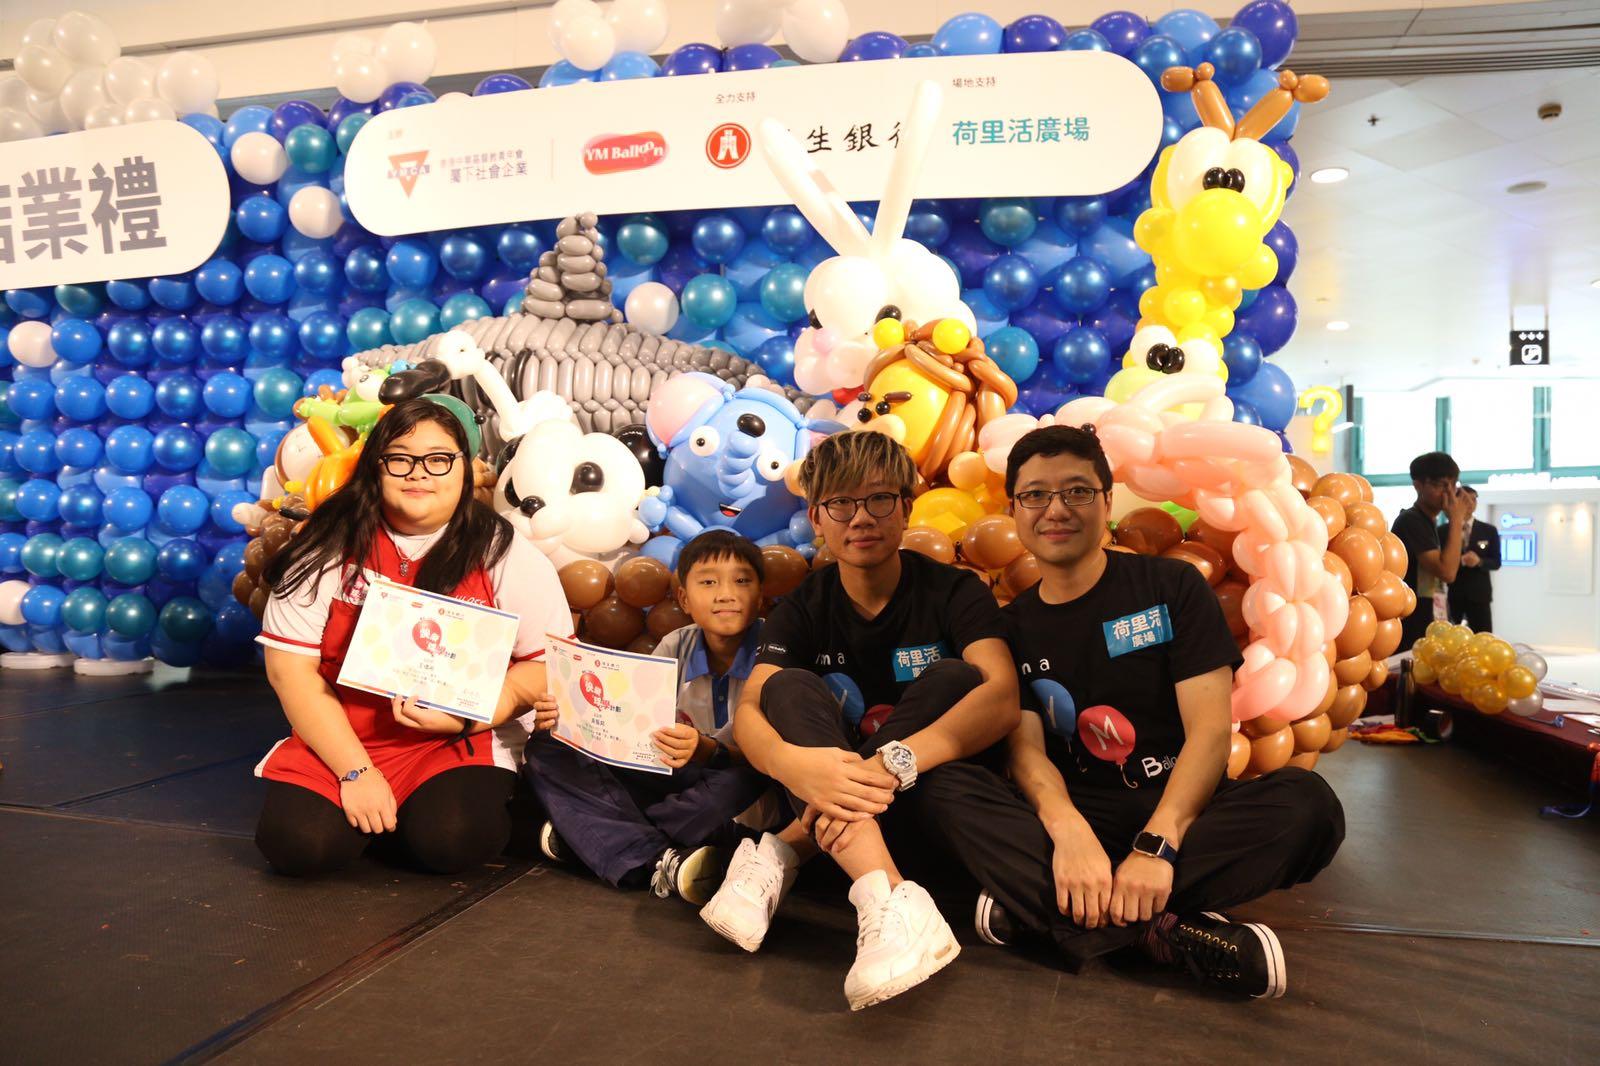 快樂「球」學計畫,透過扭氣球訓練,提升學生專注力、自信心及溝通能力等。